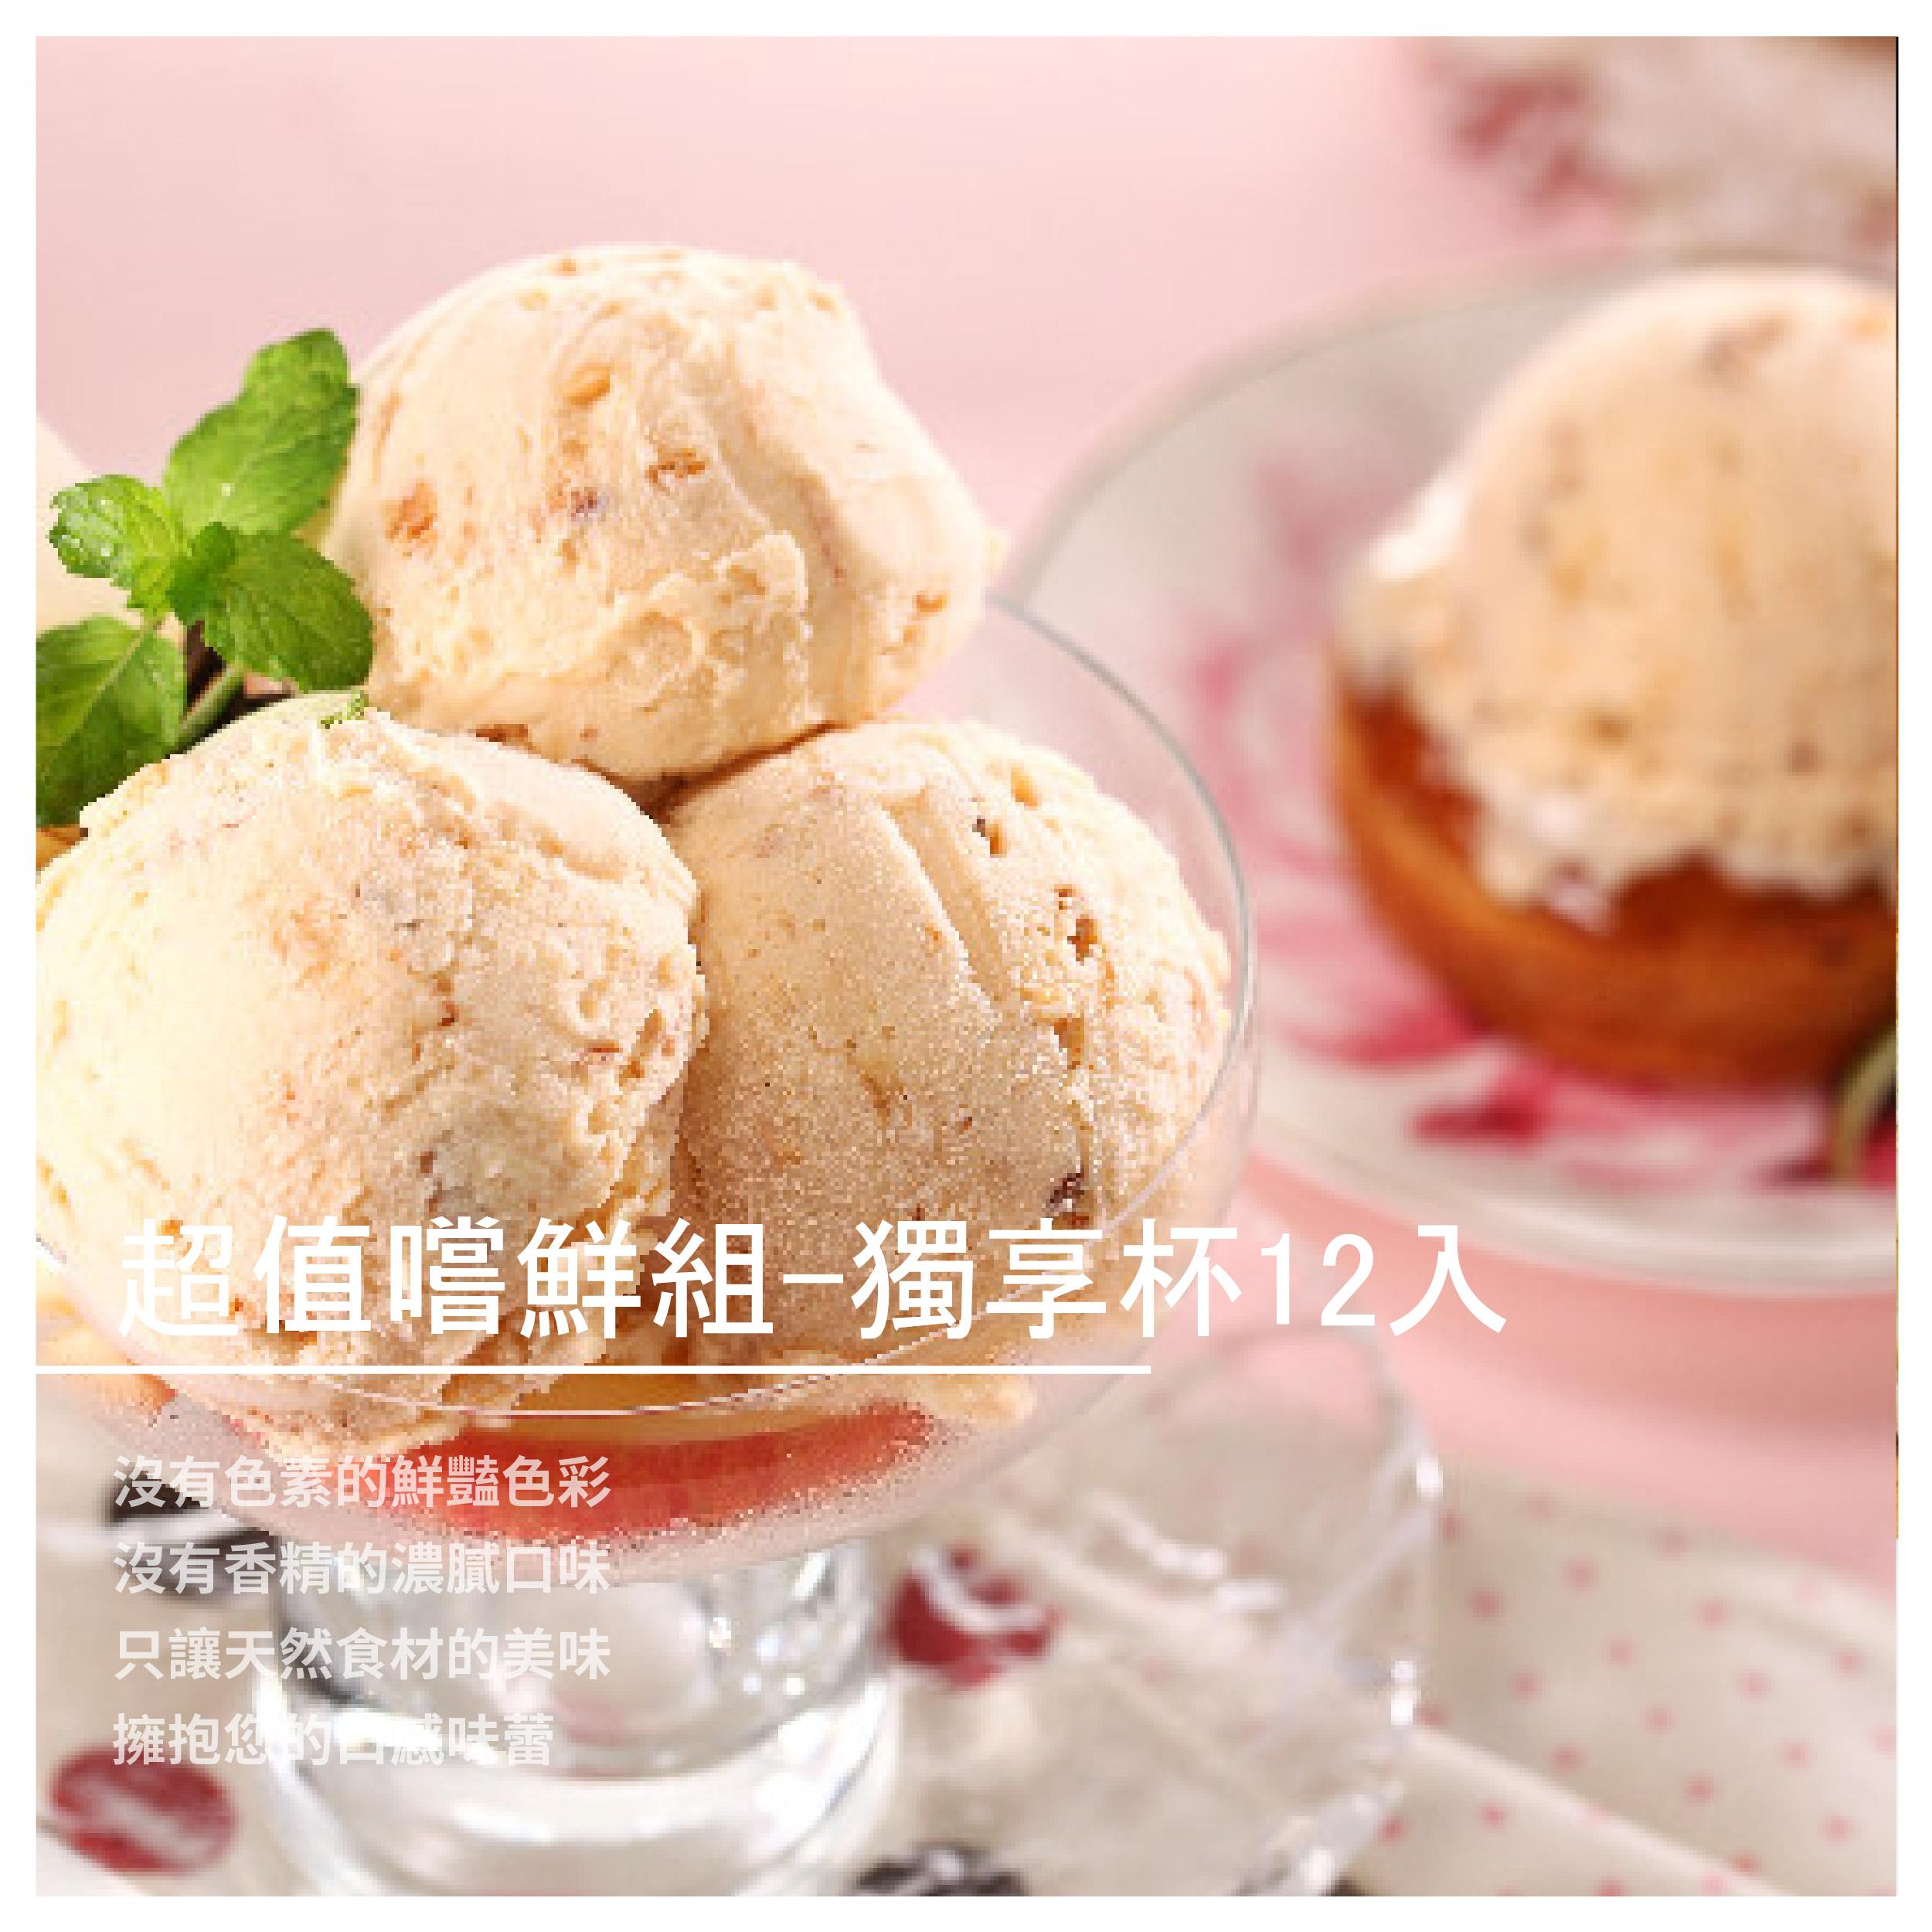 【Congelé公爵法式手工冰淇淋】超值嚐鮮組-獨享杯12入